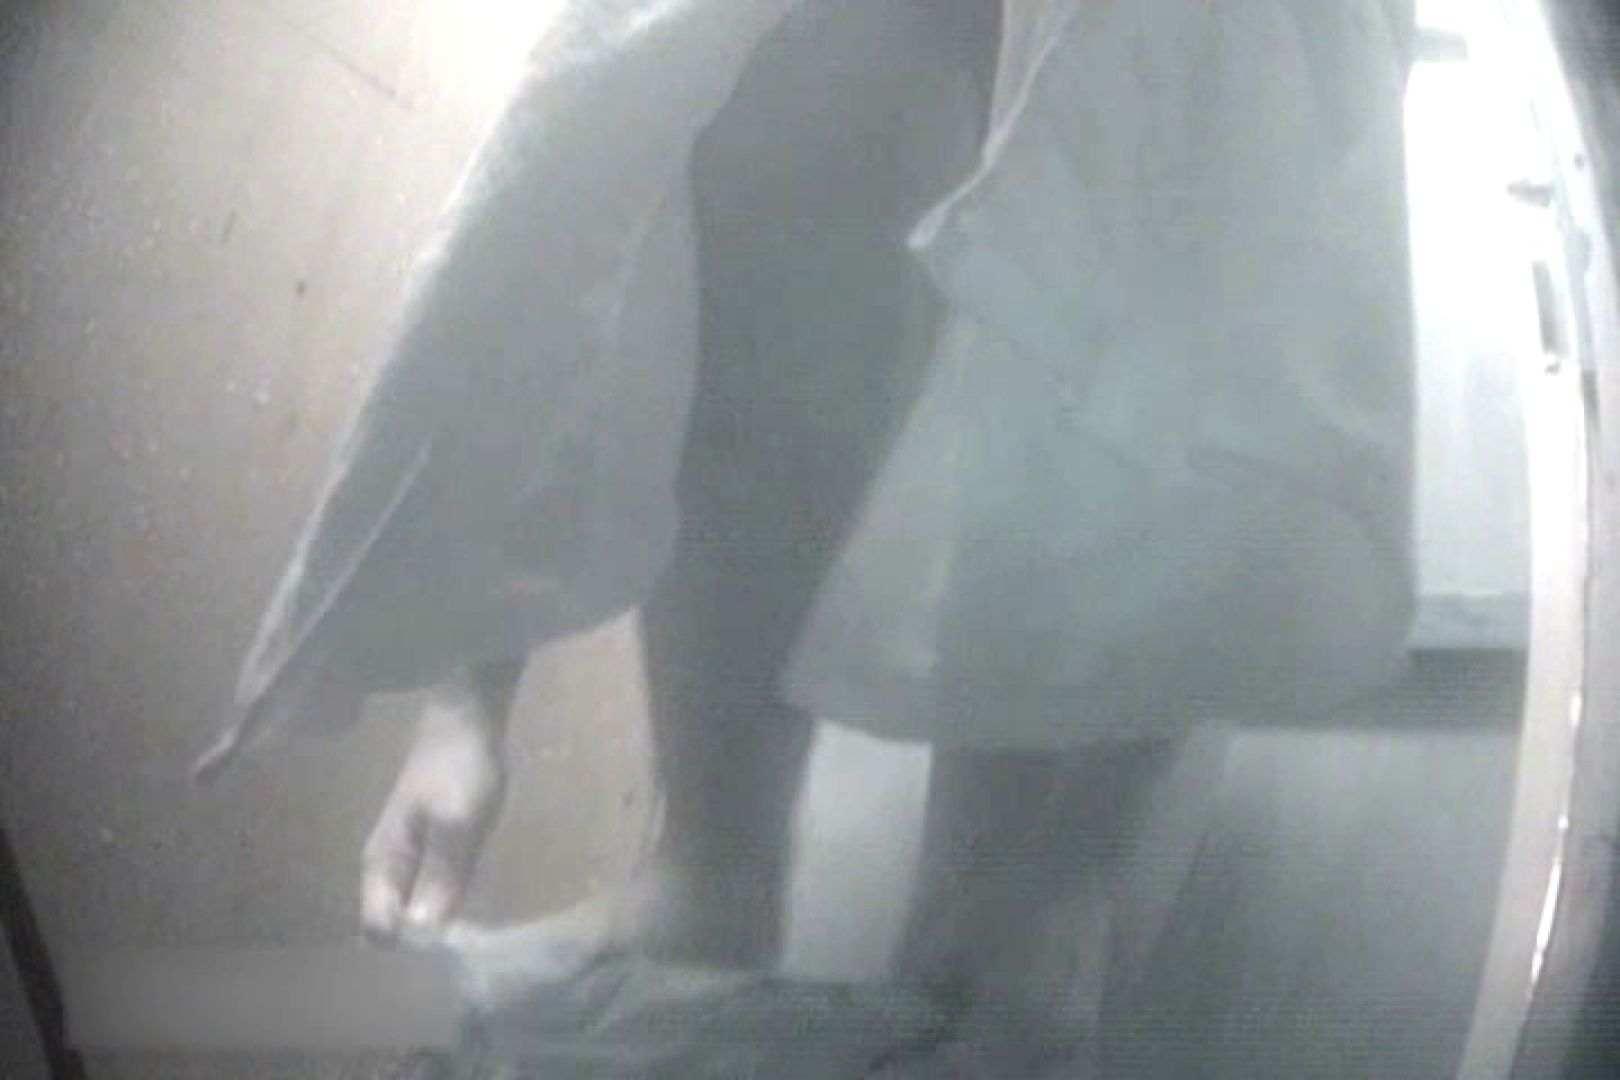 夏海シャワー室!ベトベトお肌をサラサラに!VOL.06 おまんこ無修正 隠し撮りオマンコ動画紹介 75pic 11